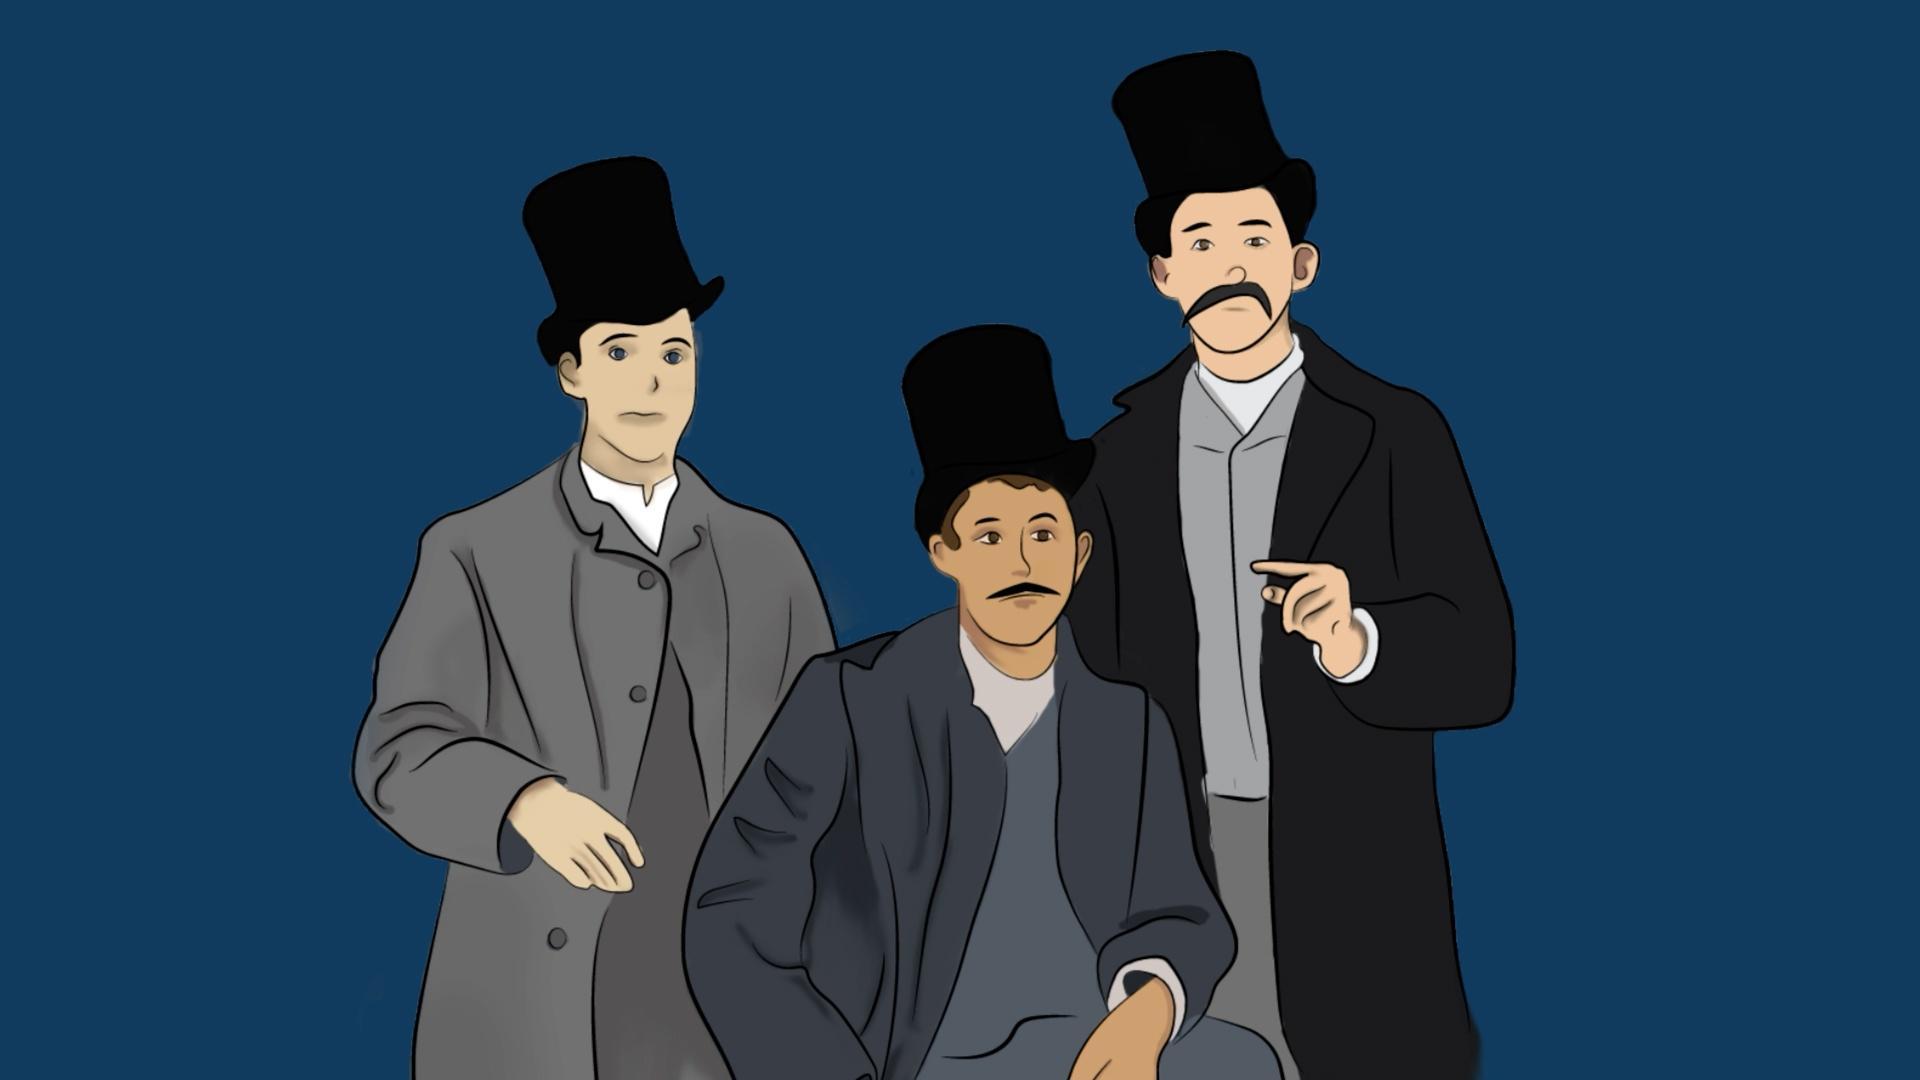 Three Gentleman in Top Hats